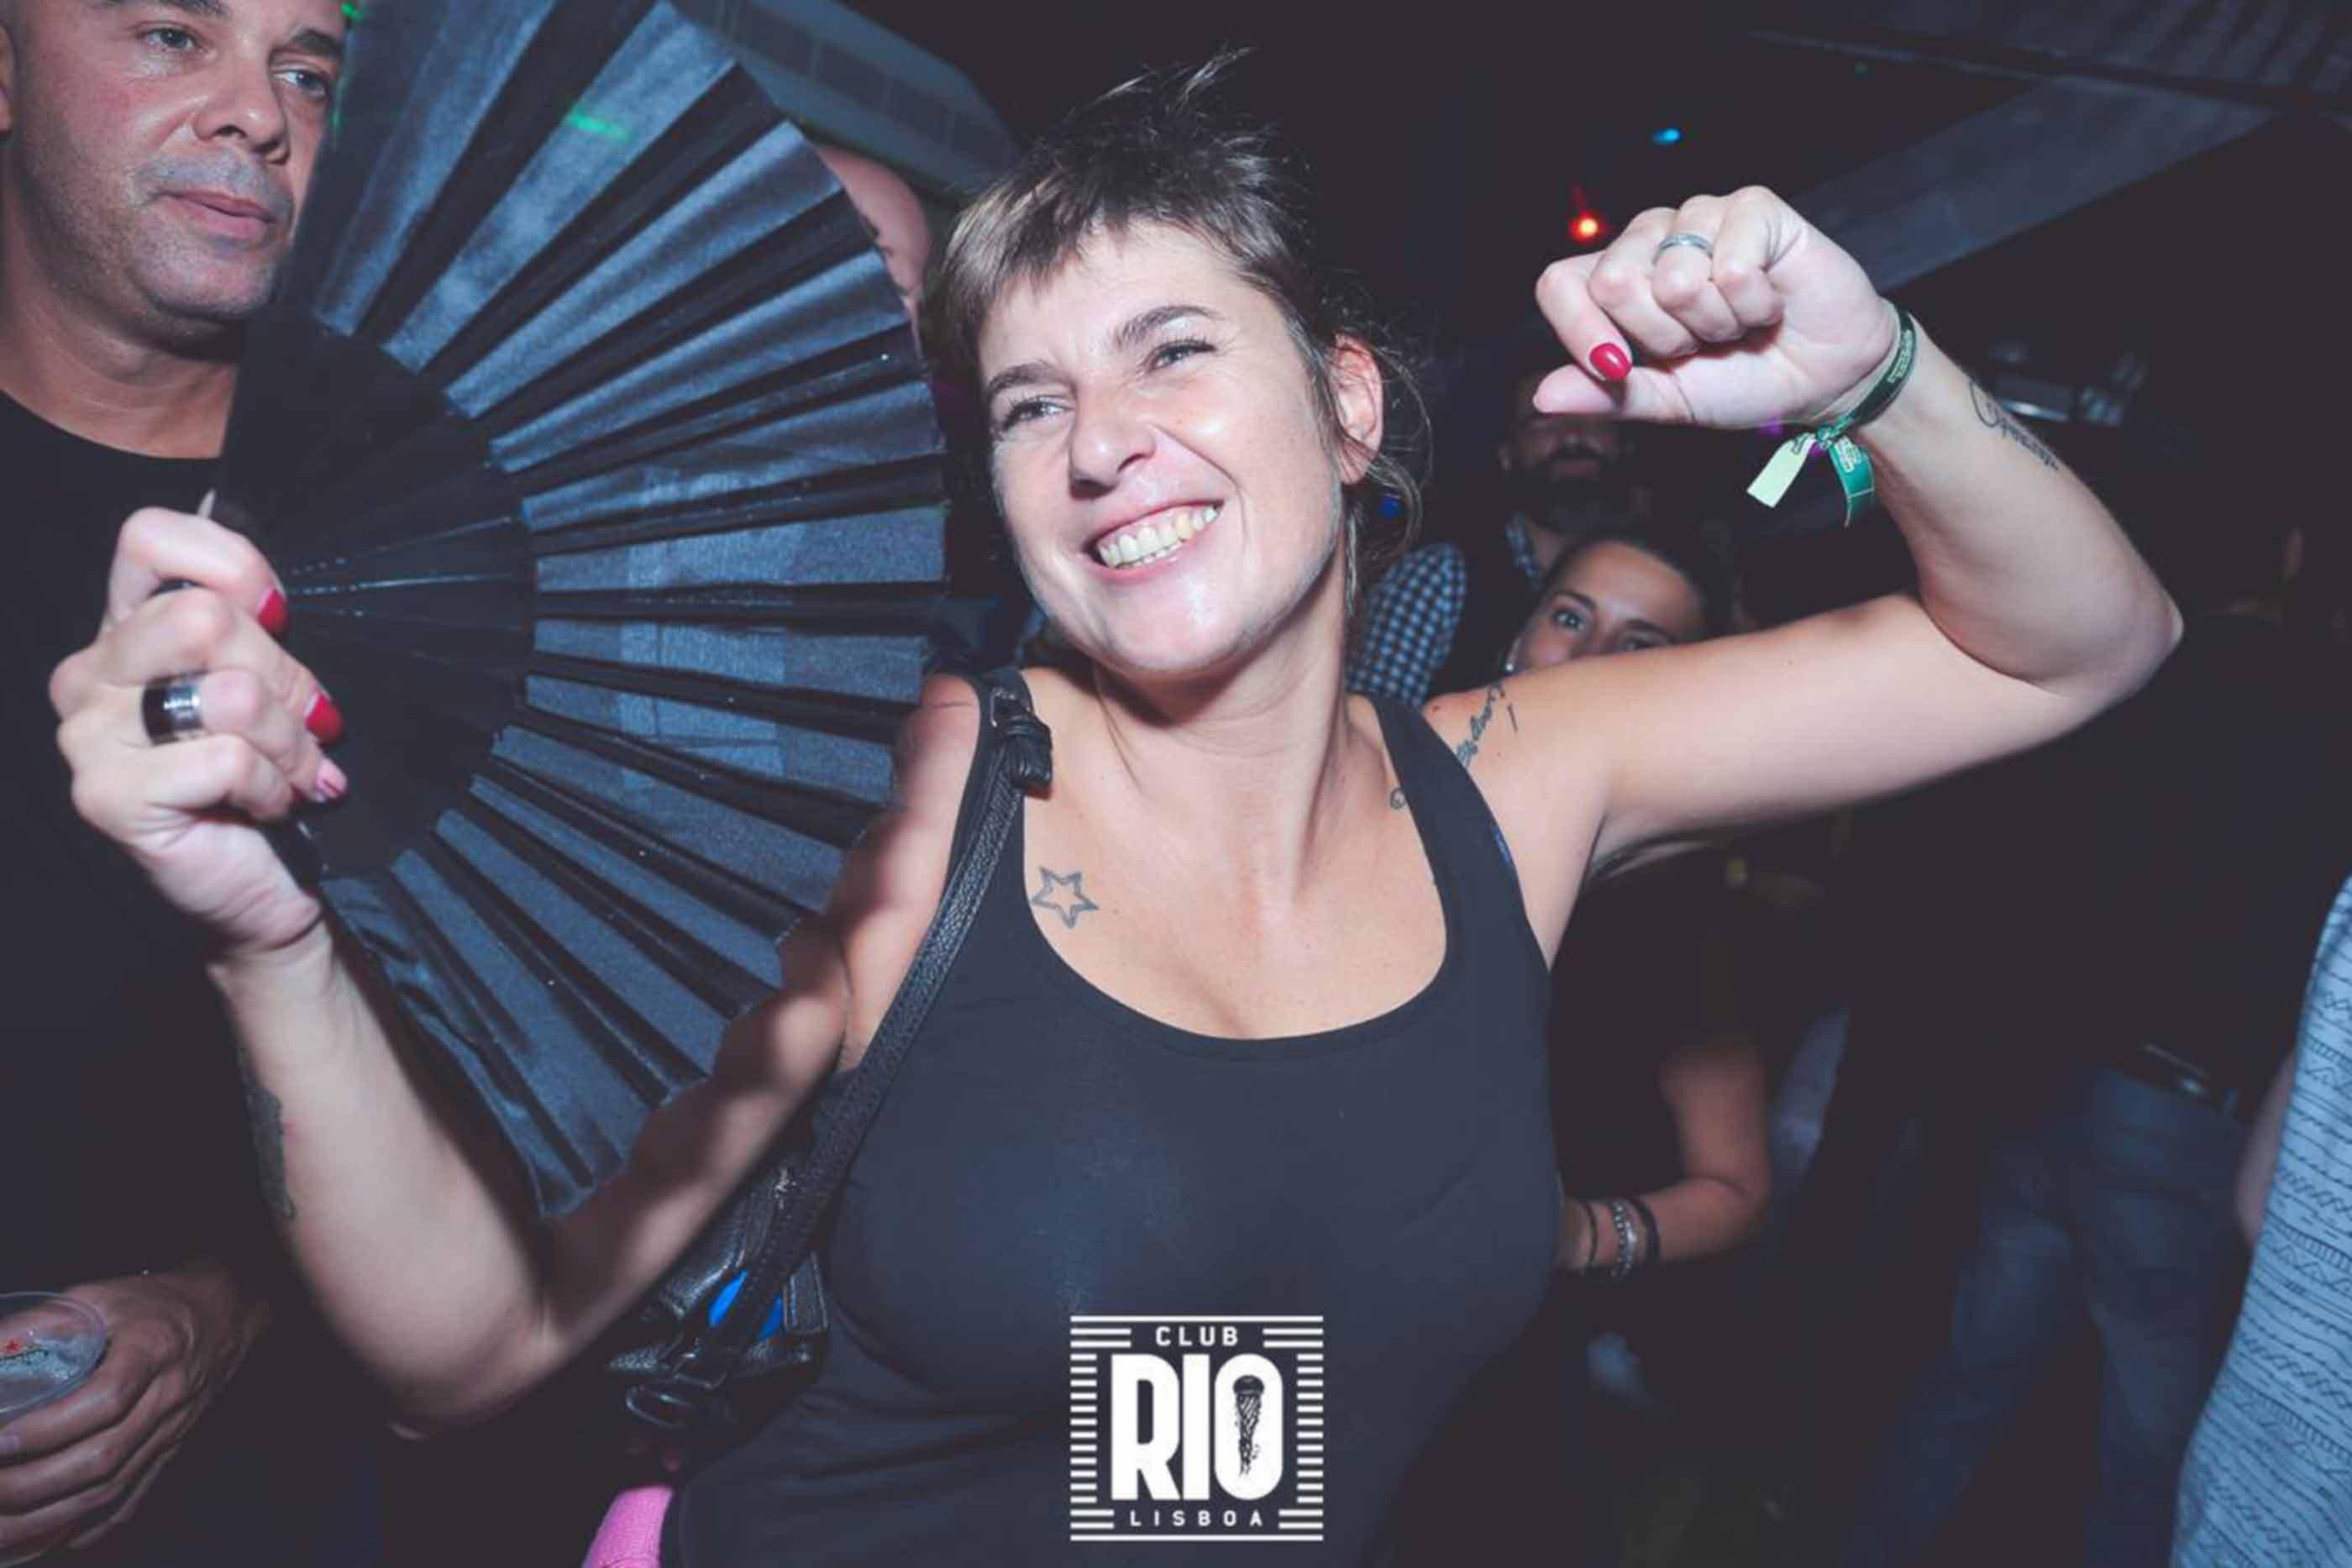 Rapariga feliz a dançar no Club Rio Lisboa com um leque na mão.